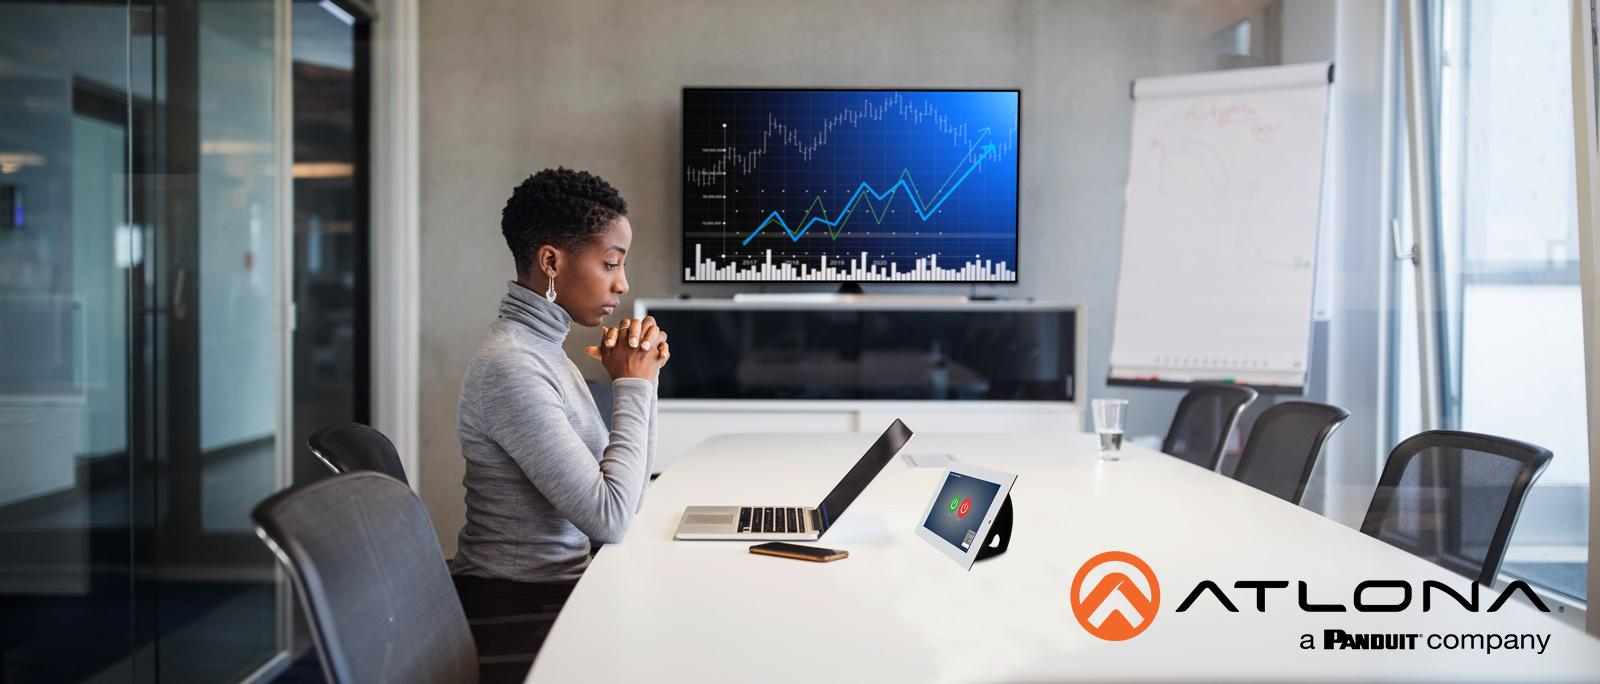 Soluciones de audio y video de alta calidad para videoconferencias